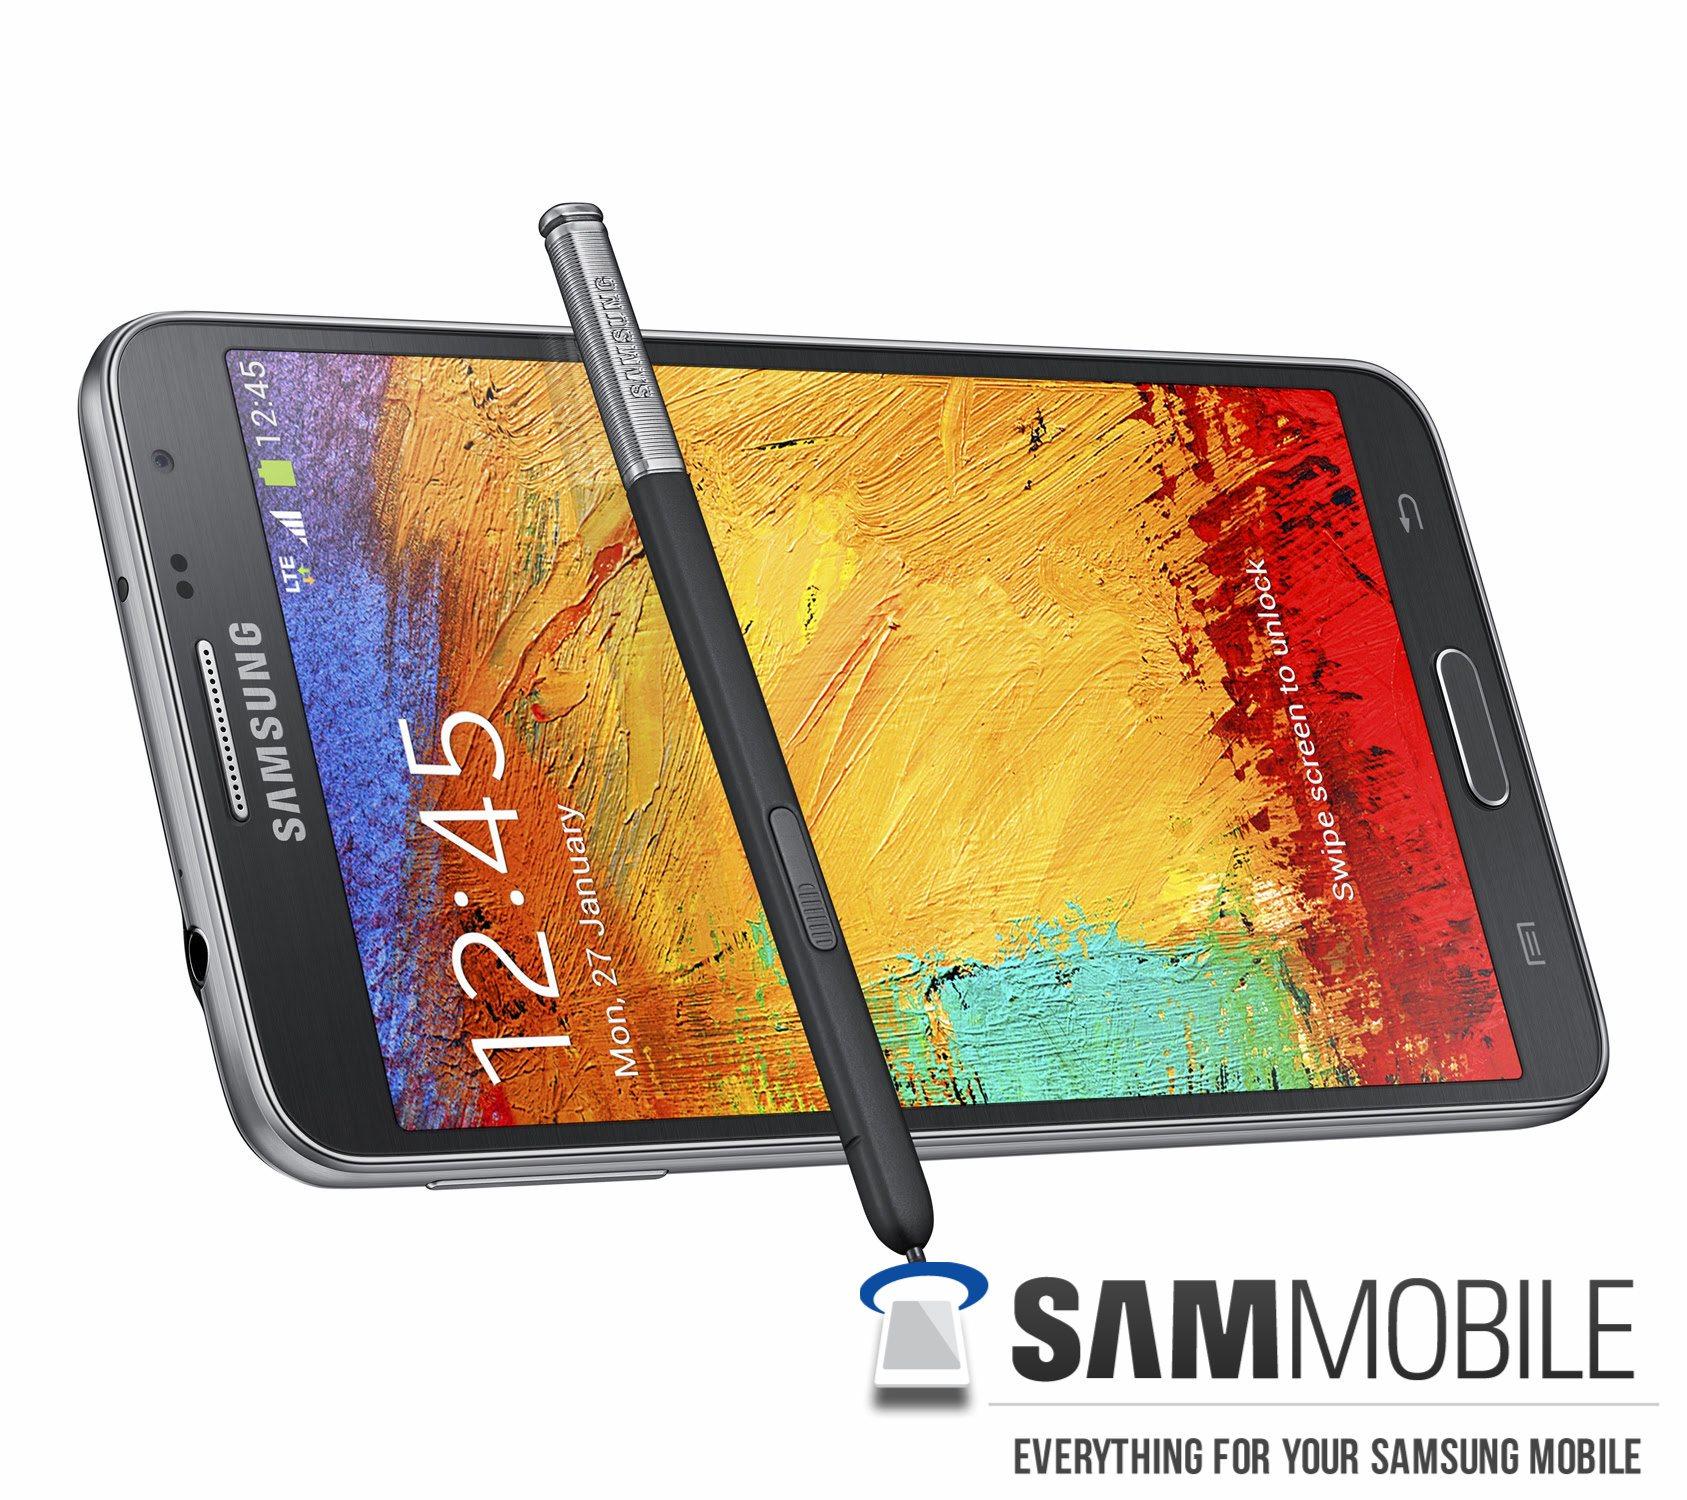 Le Galaxy Note 3 Neo bientôt dévoilé